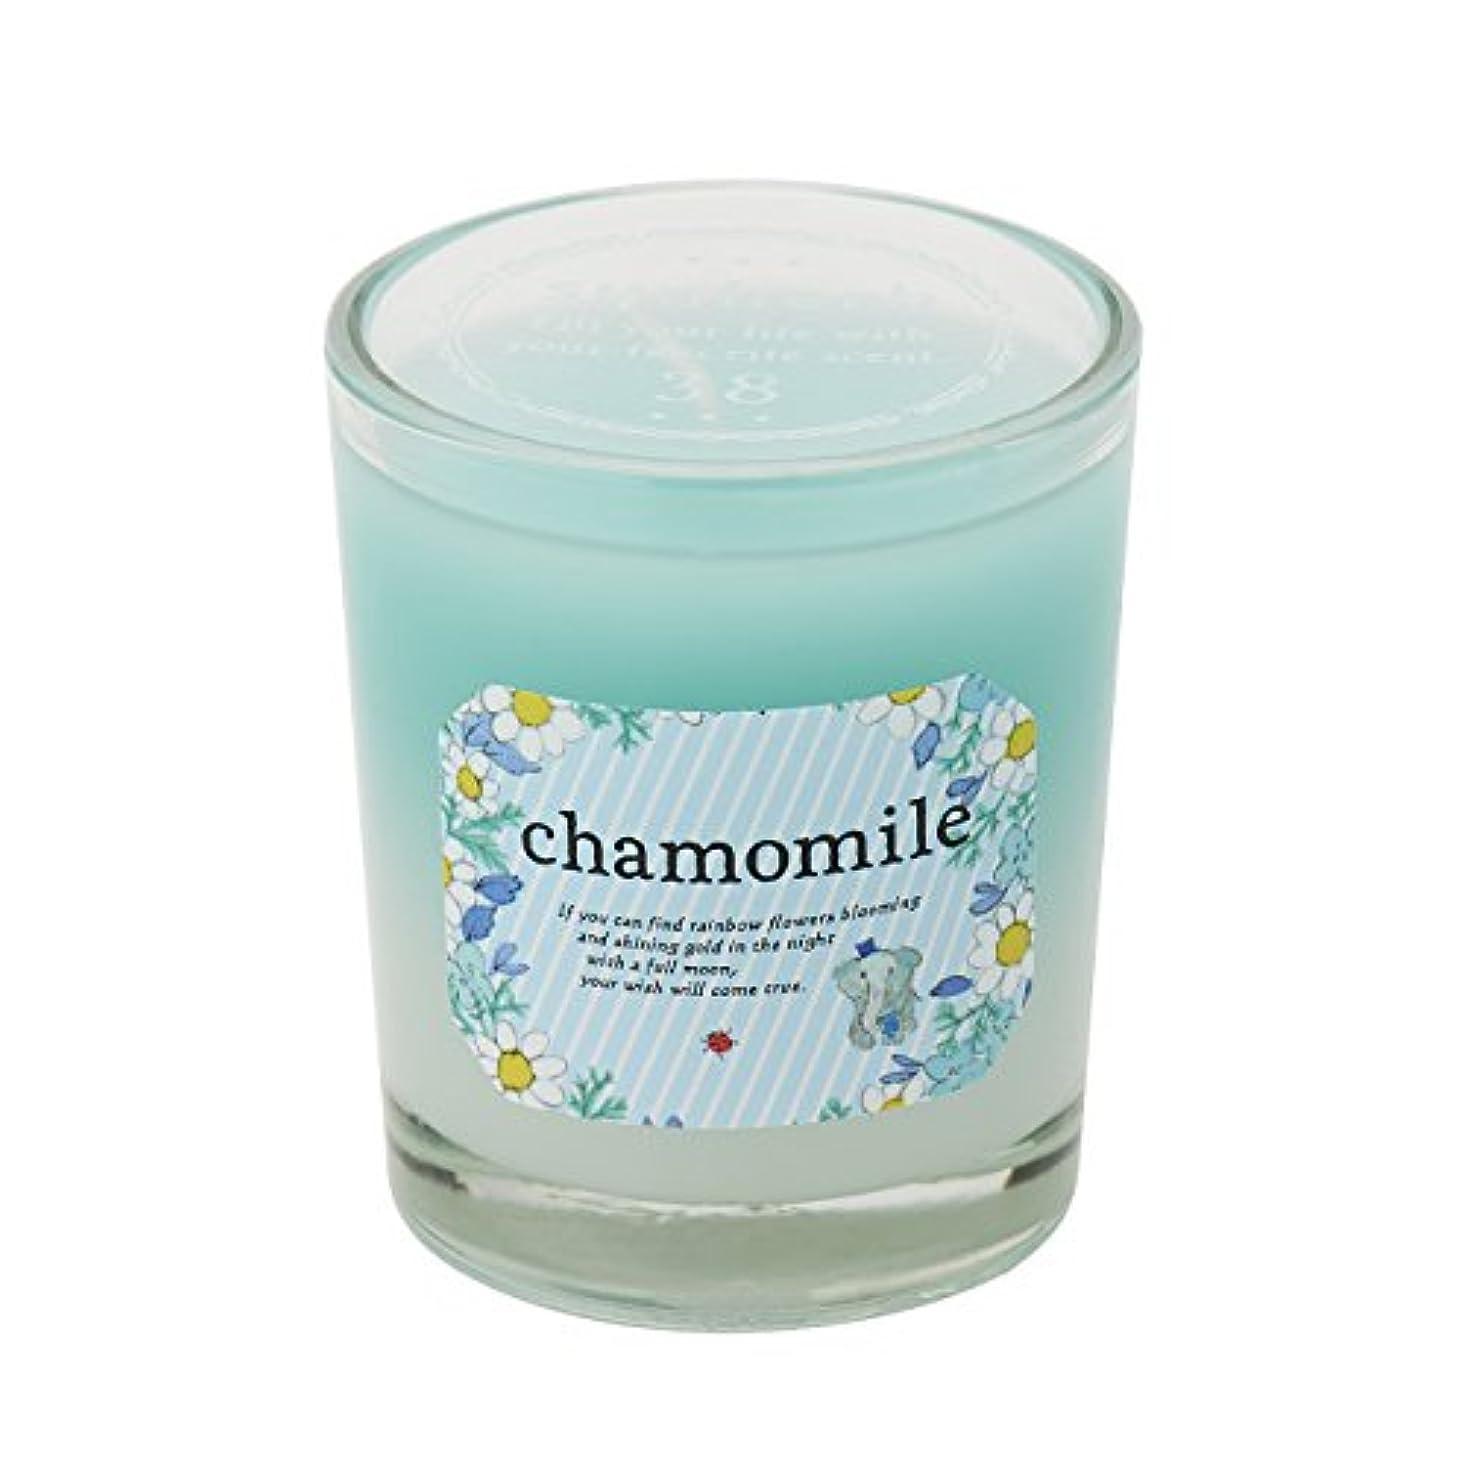 分子生インディカサンハーブ グラスキャンドル カモマイル 35g(グラデーションろうそく 燃焼時間約10時間 やさしく穏やかな甘い香り)